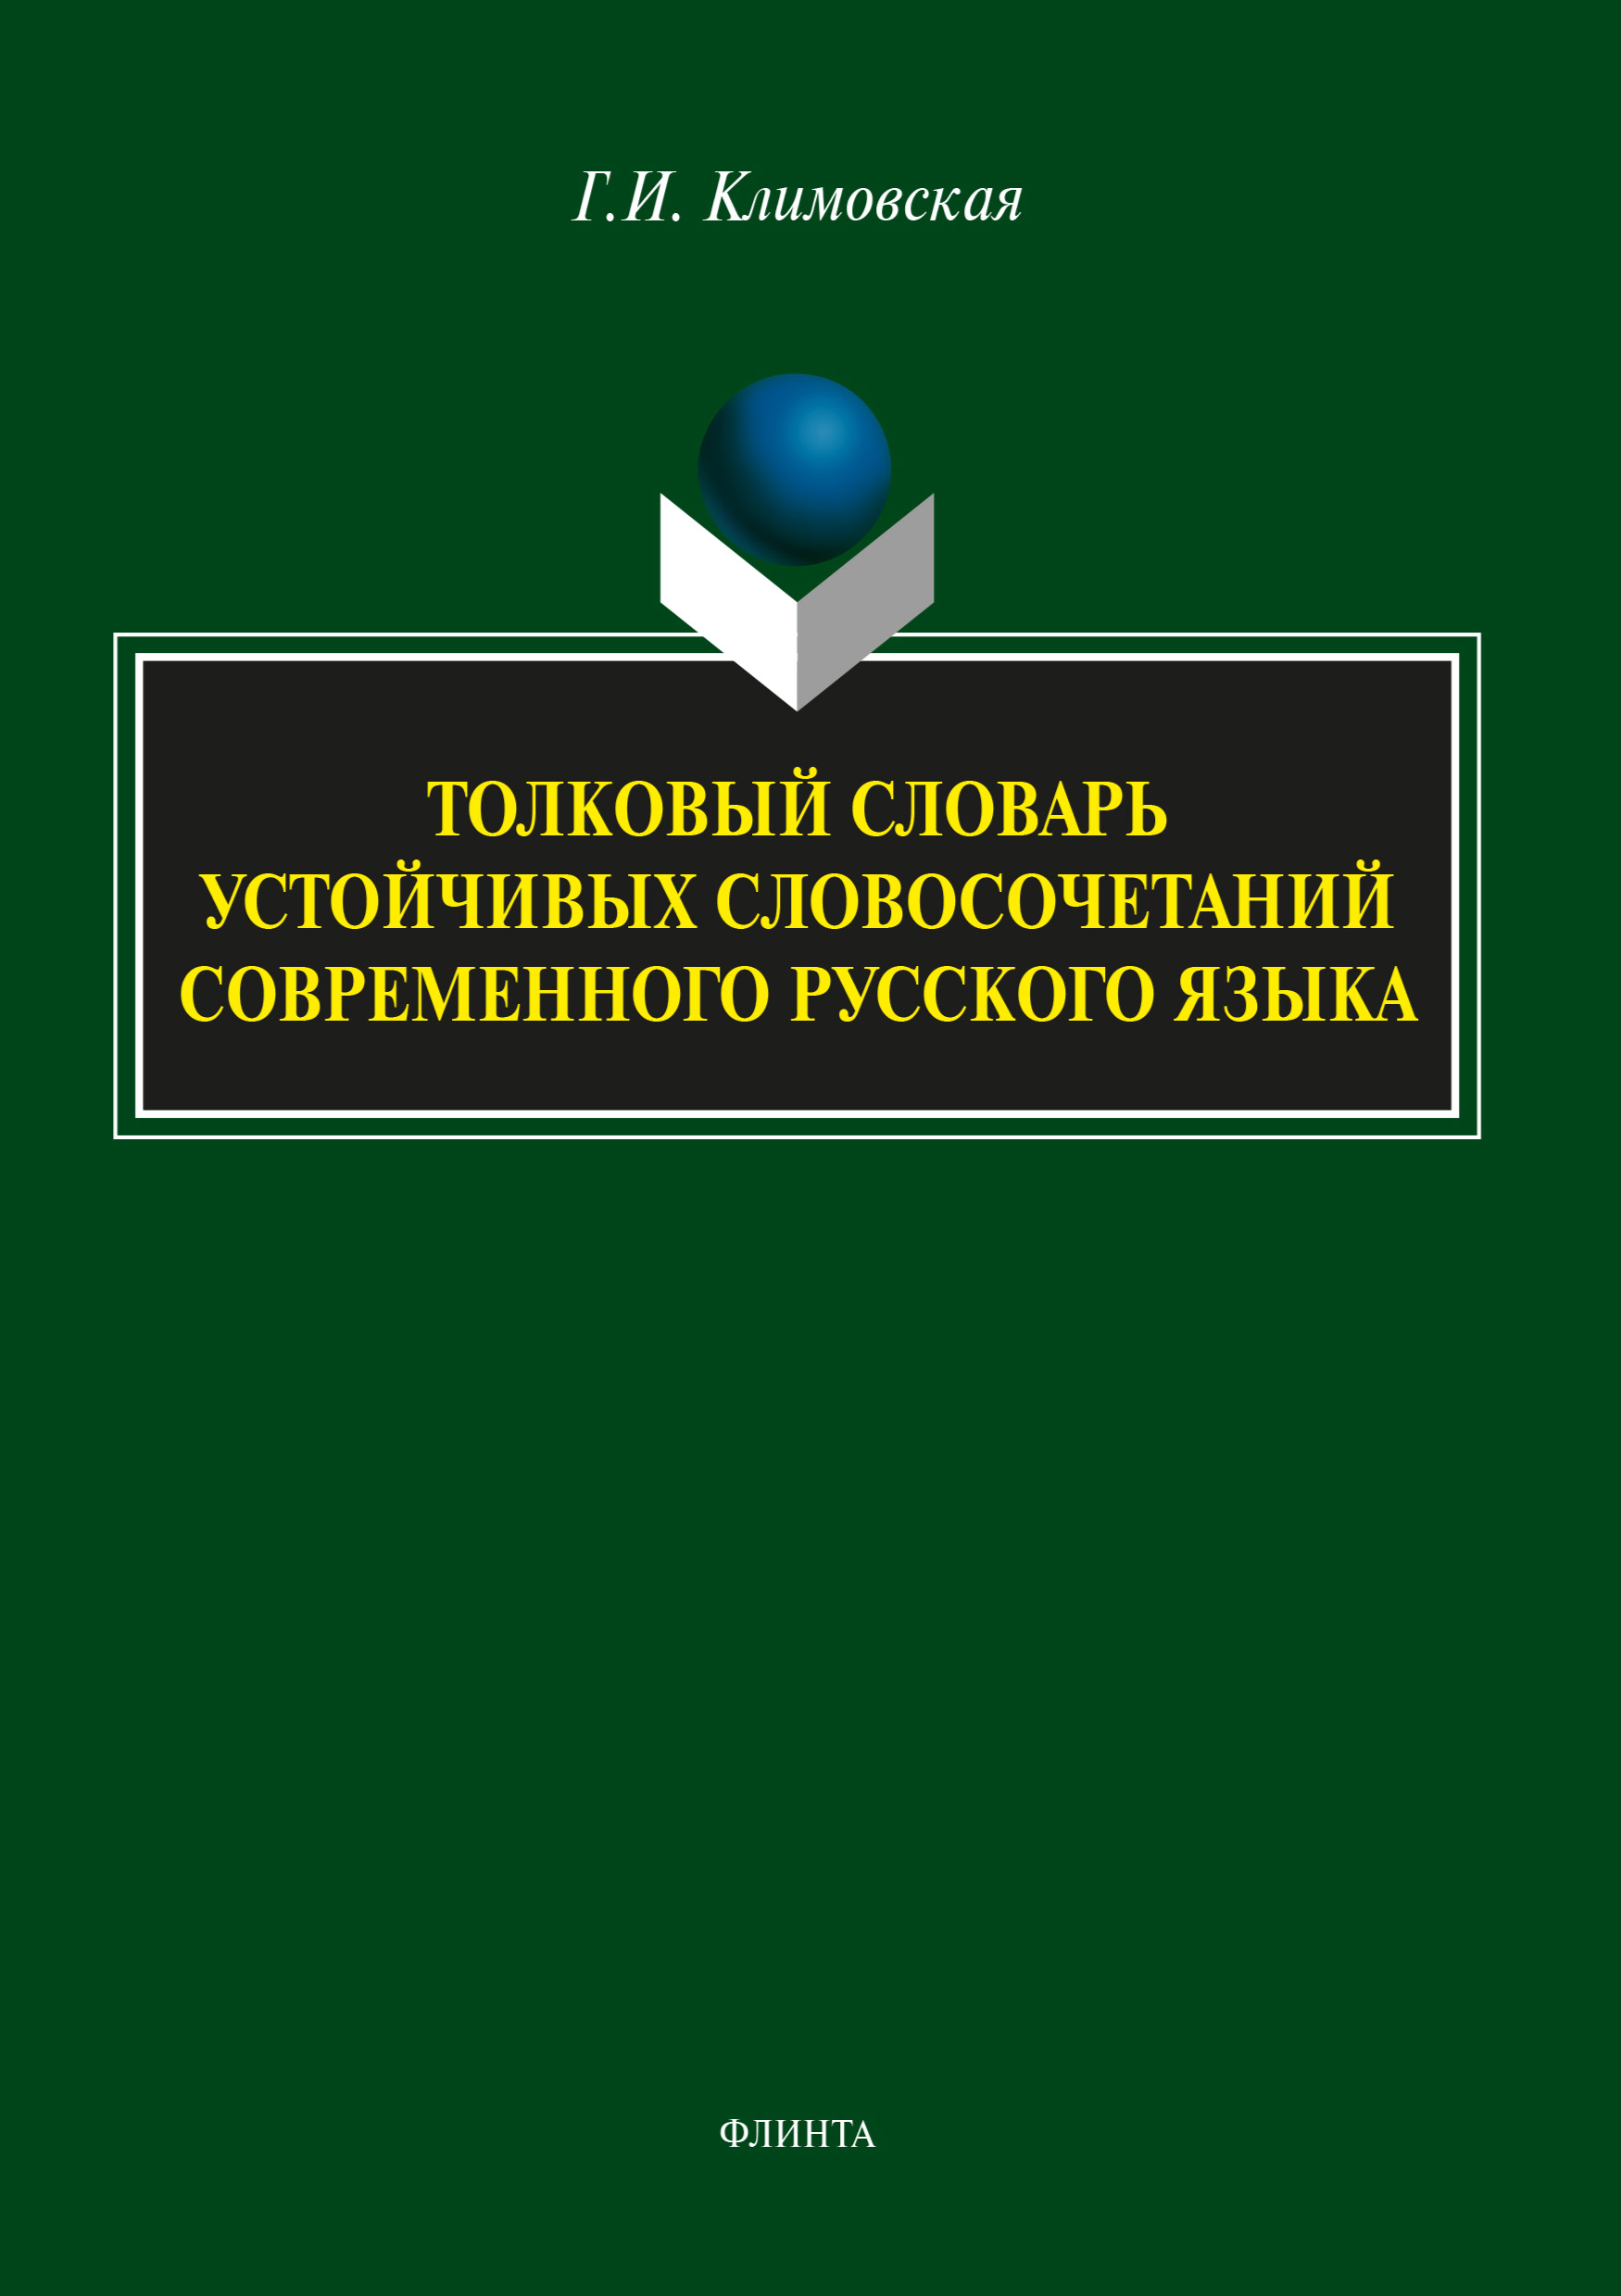 Г. И. Климовская Толковый словарь устойчивых словосочетаний современного русского языка